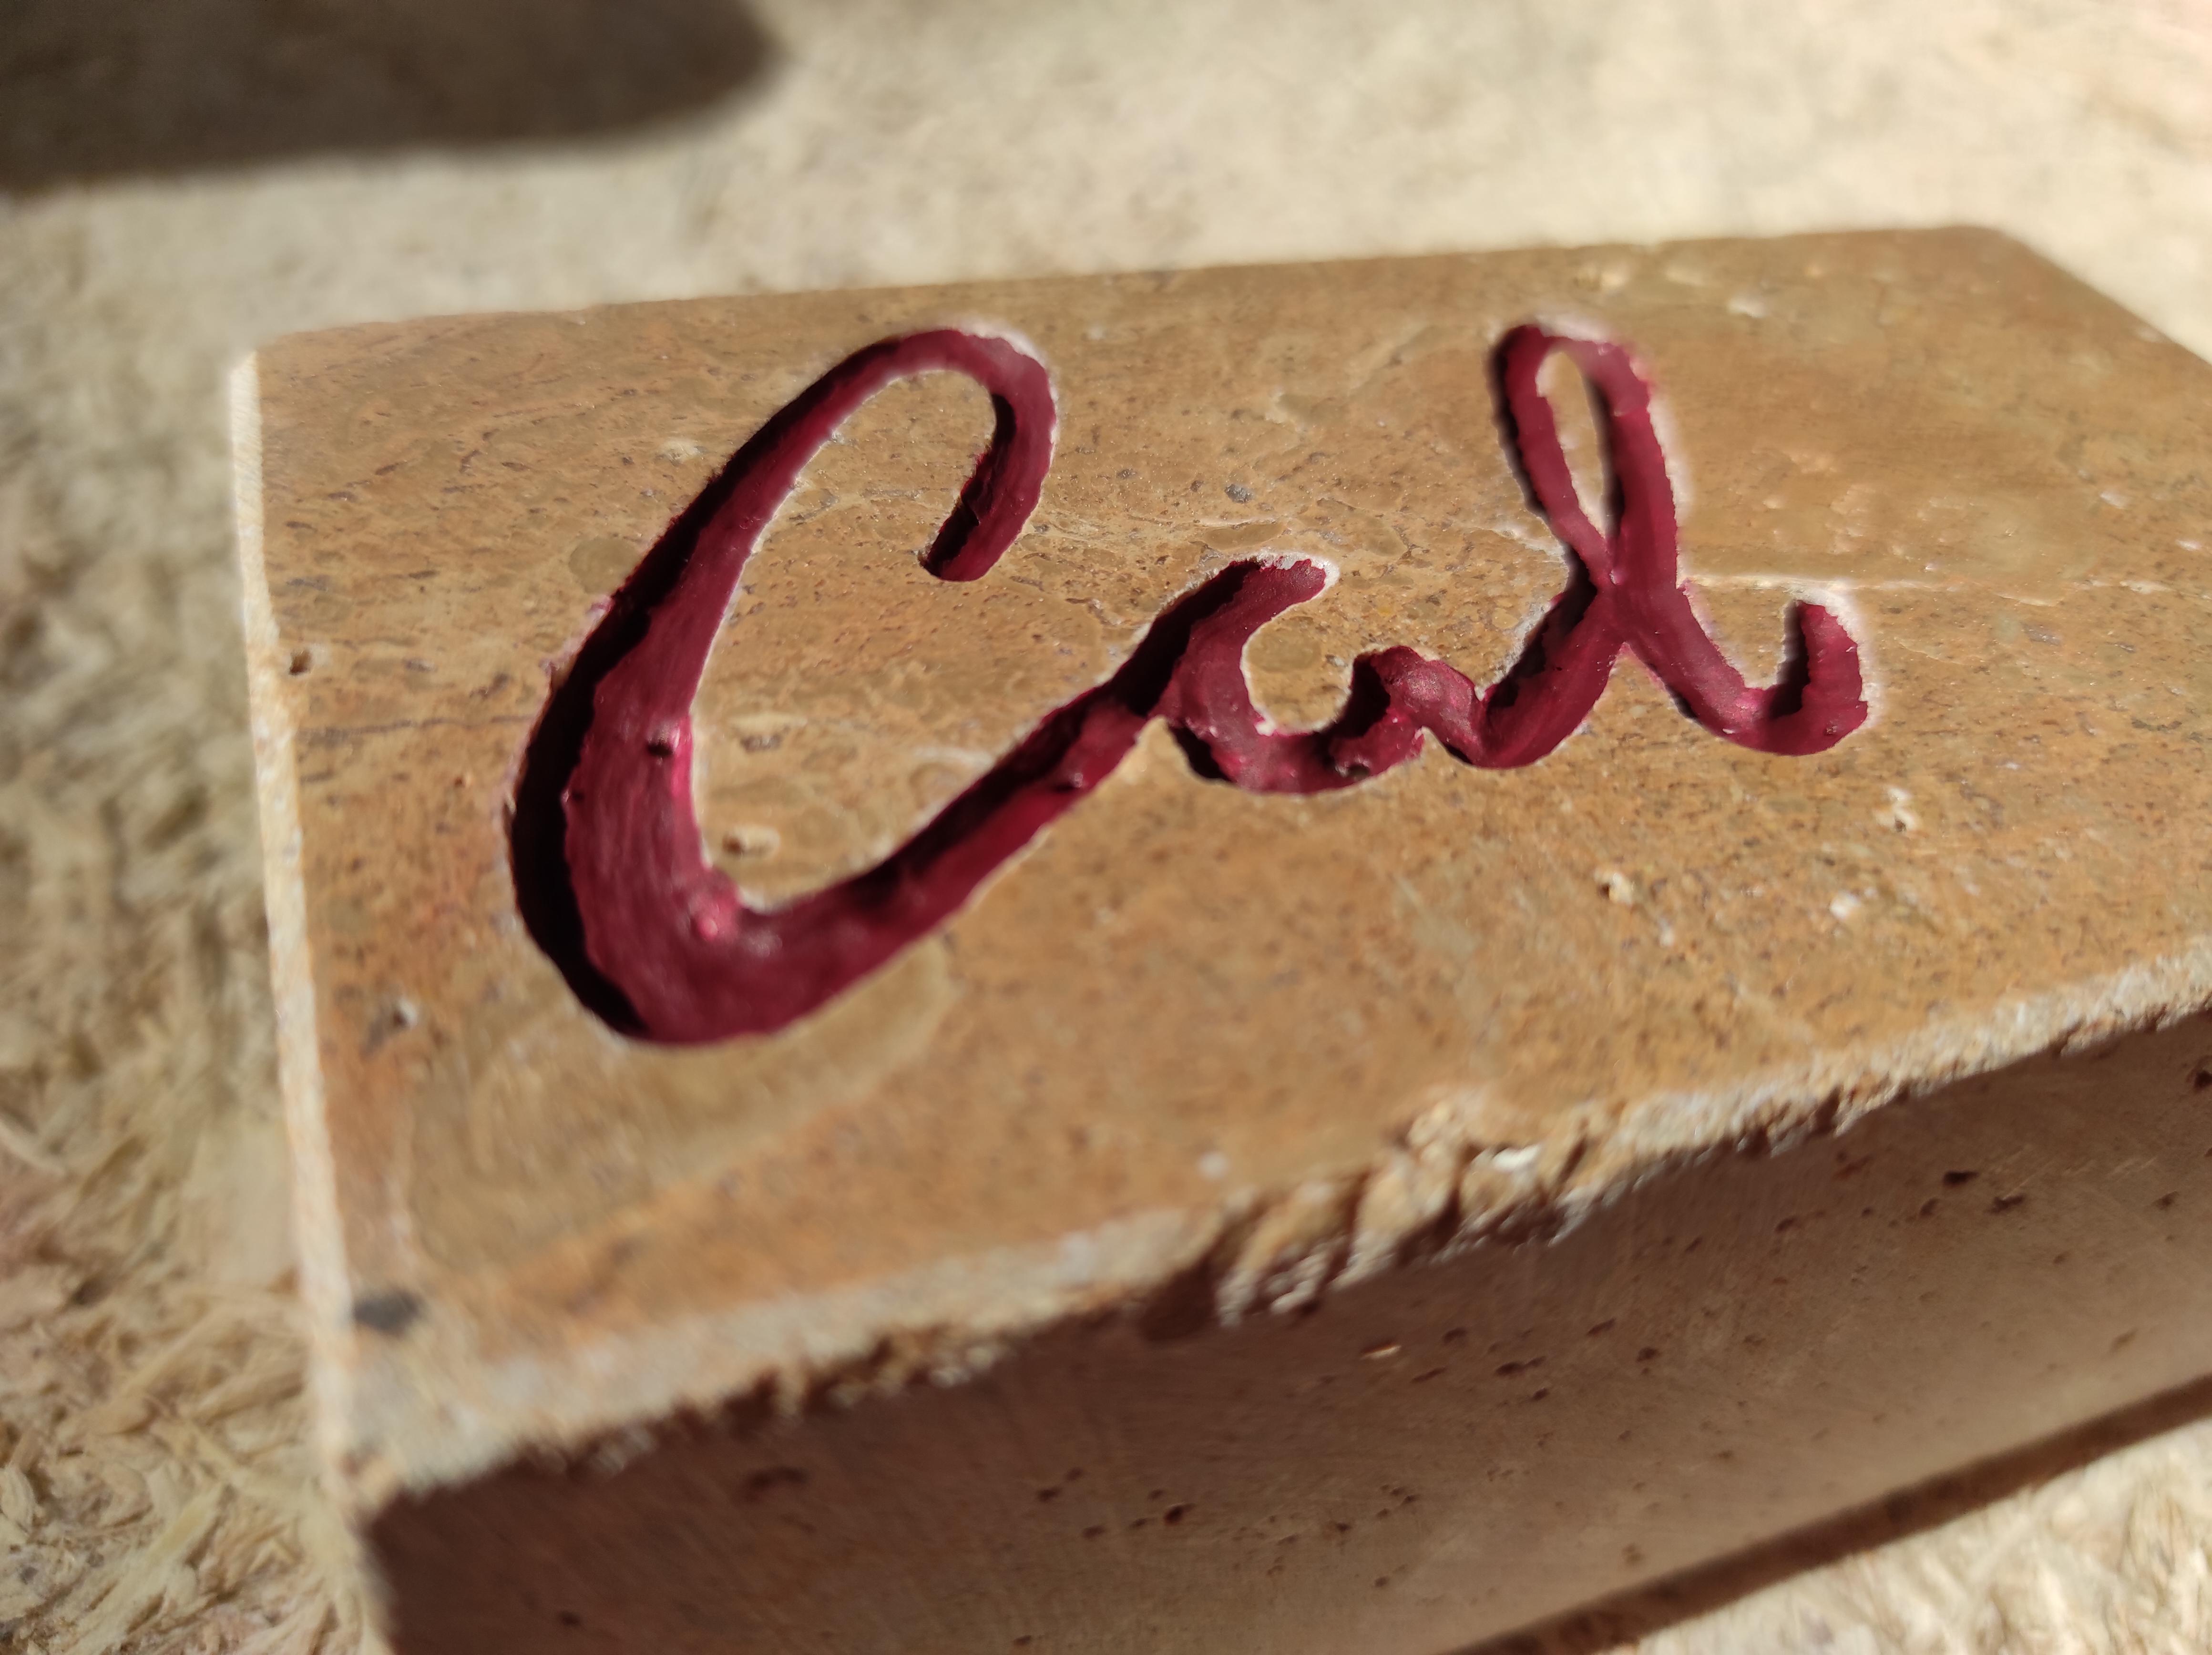 Pruebas nombre5-talla-piedra-artesania-